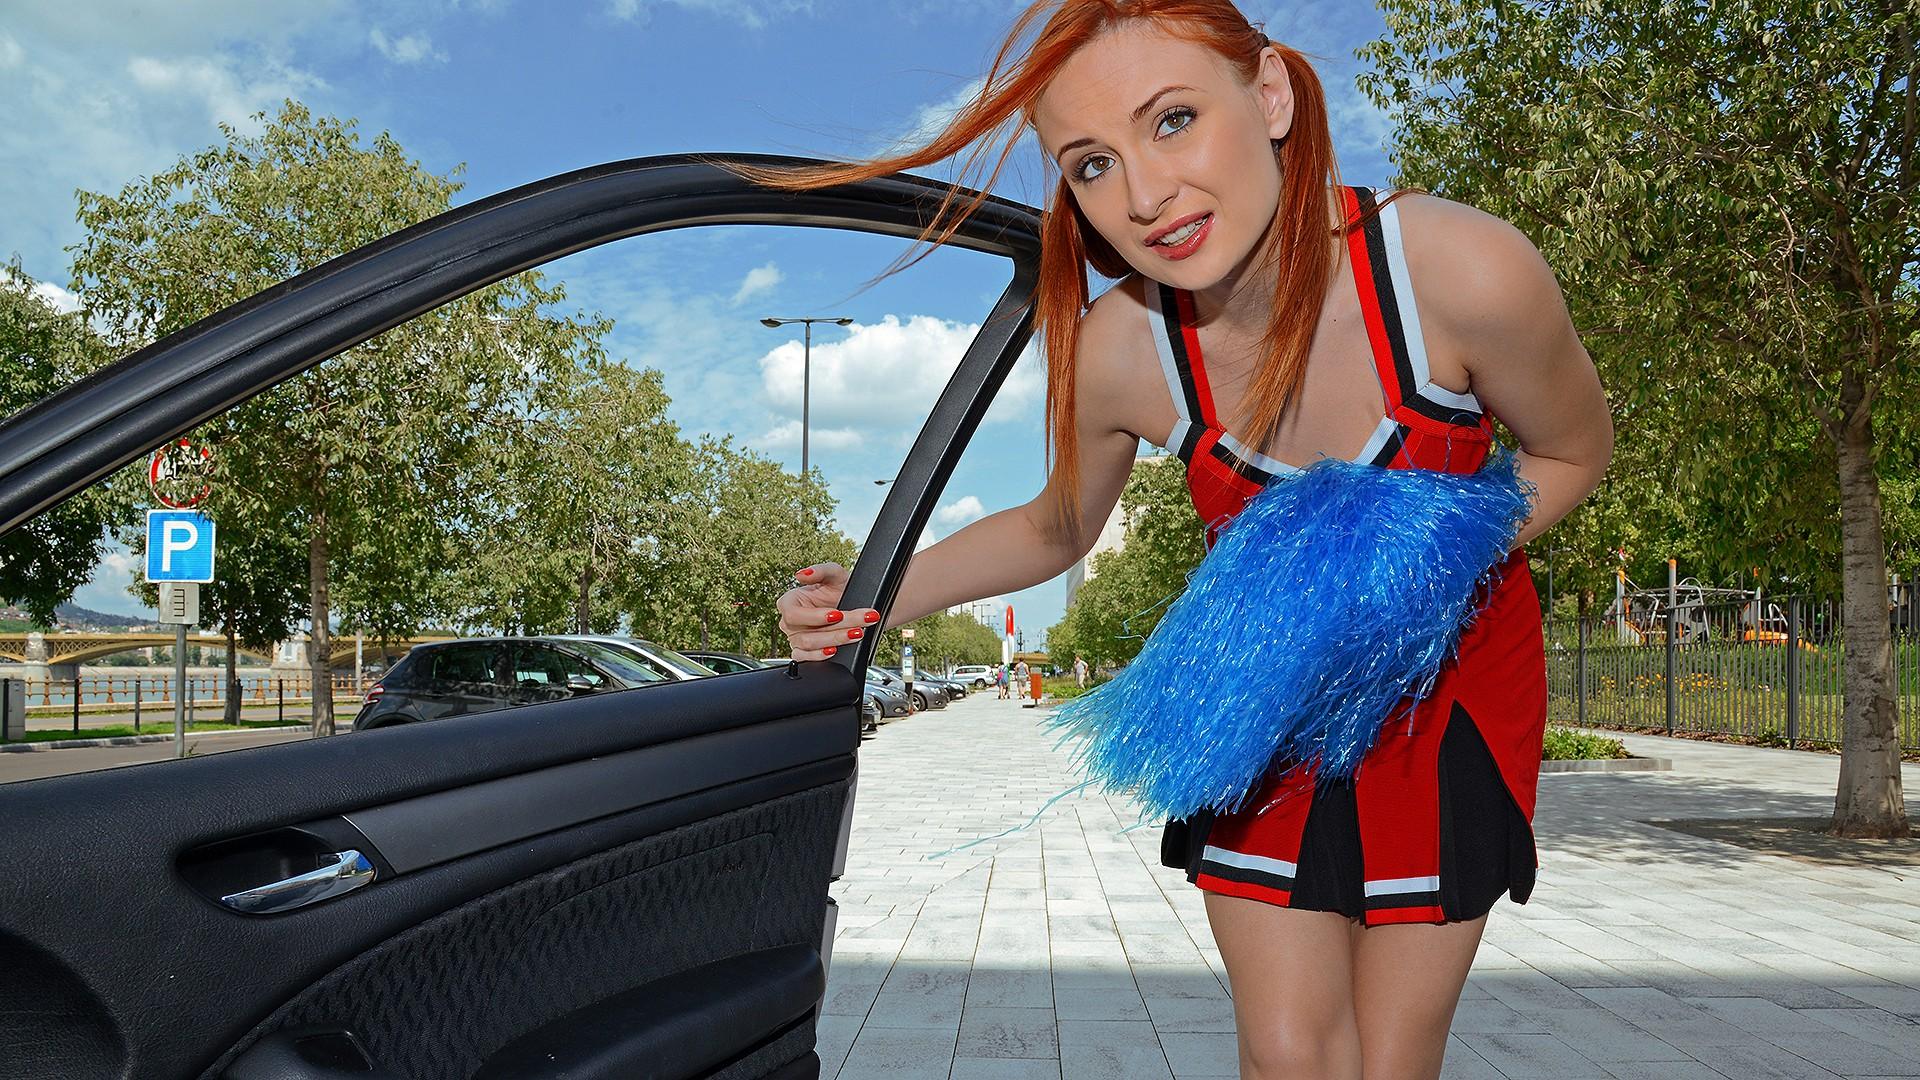 Redhead Cheerleader Gets Fucked - Stranded Teens